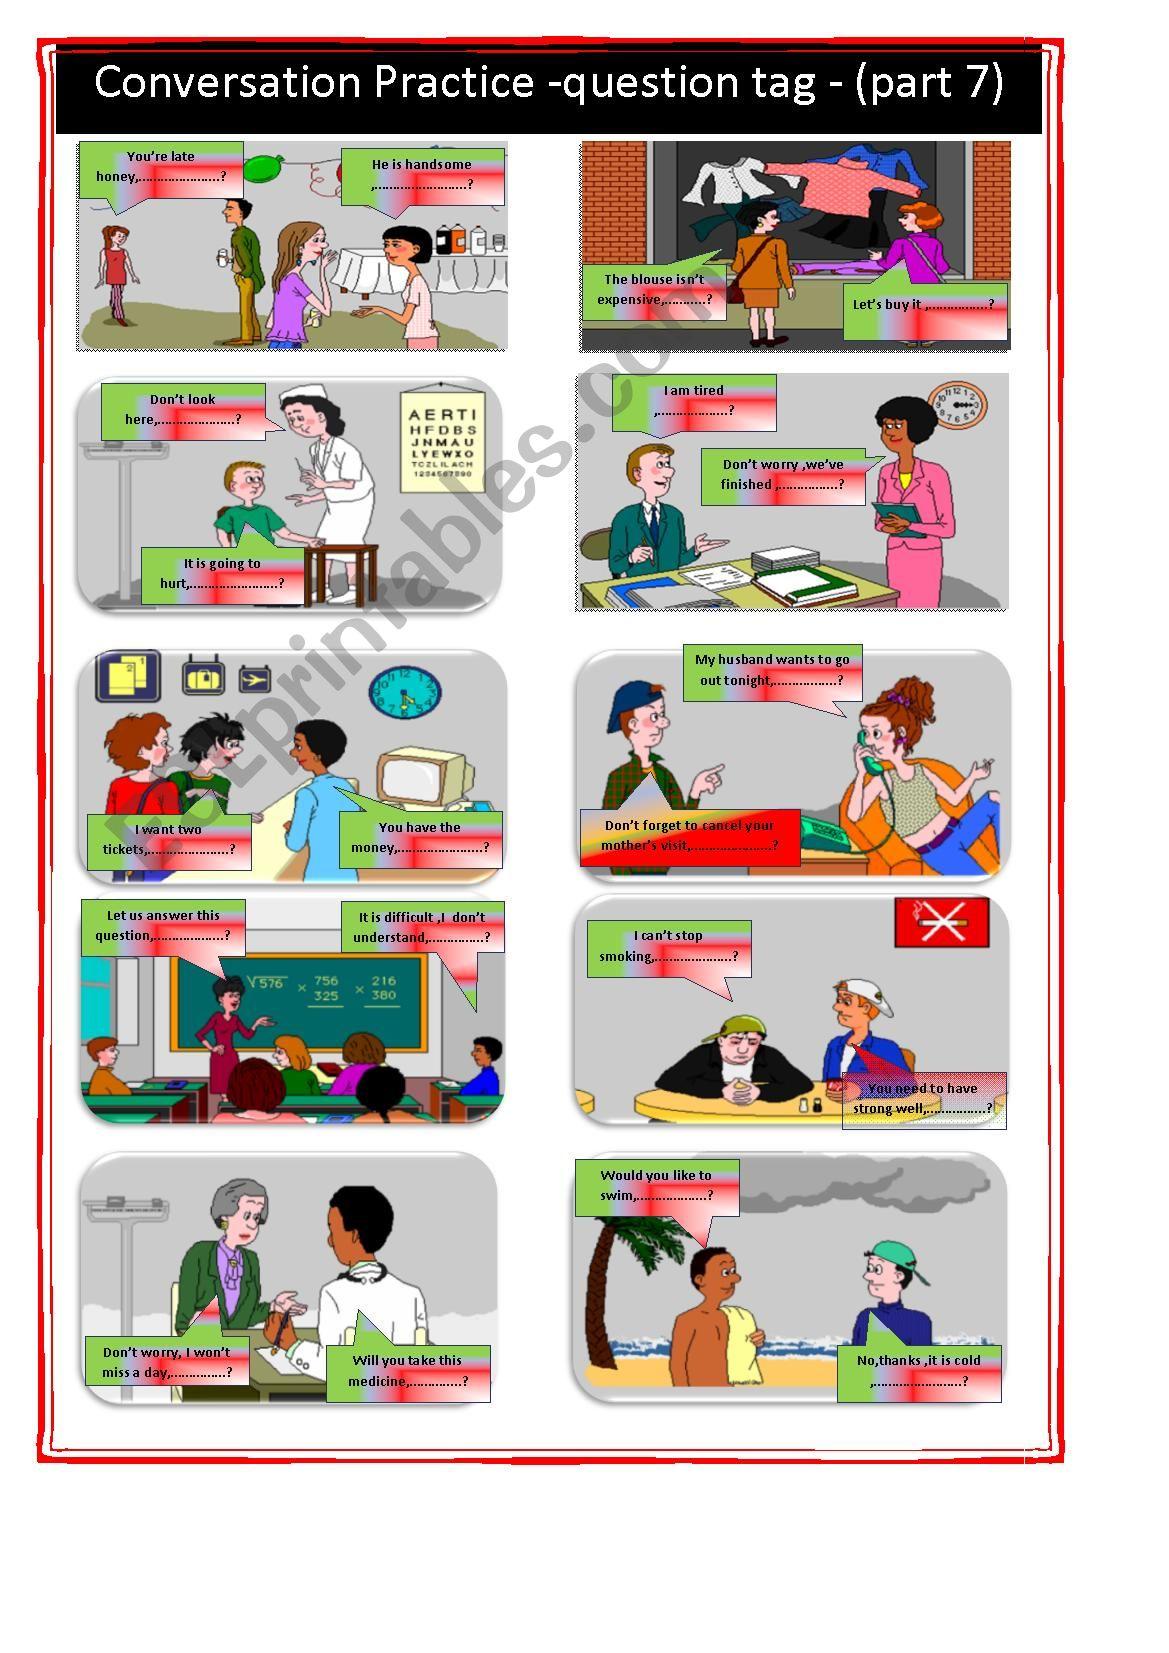 Conversation Practice Part 7 Question Tag Key